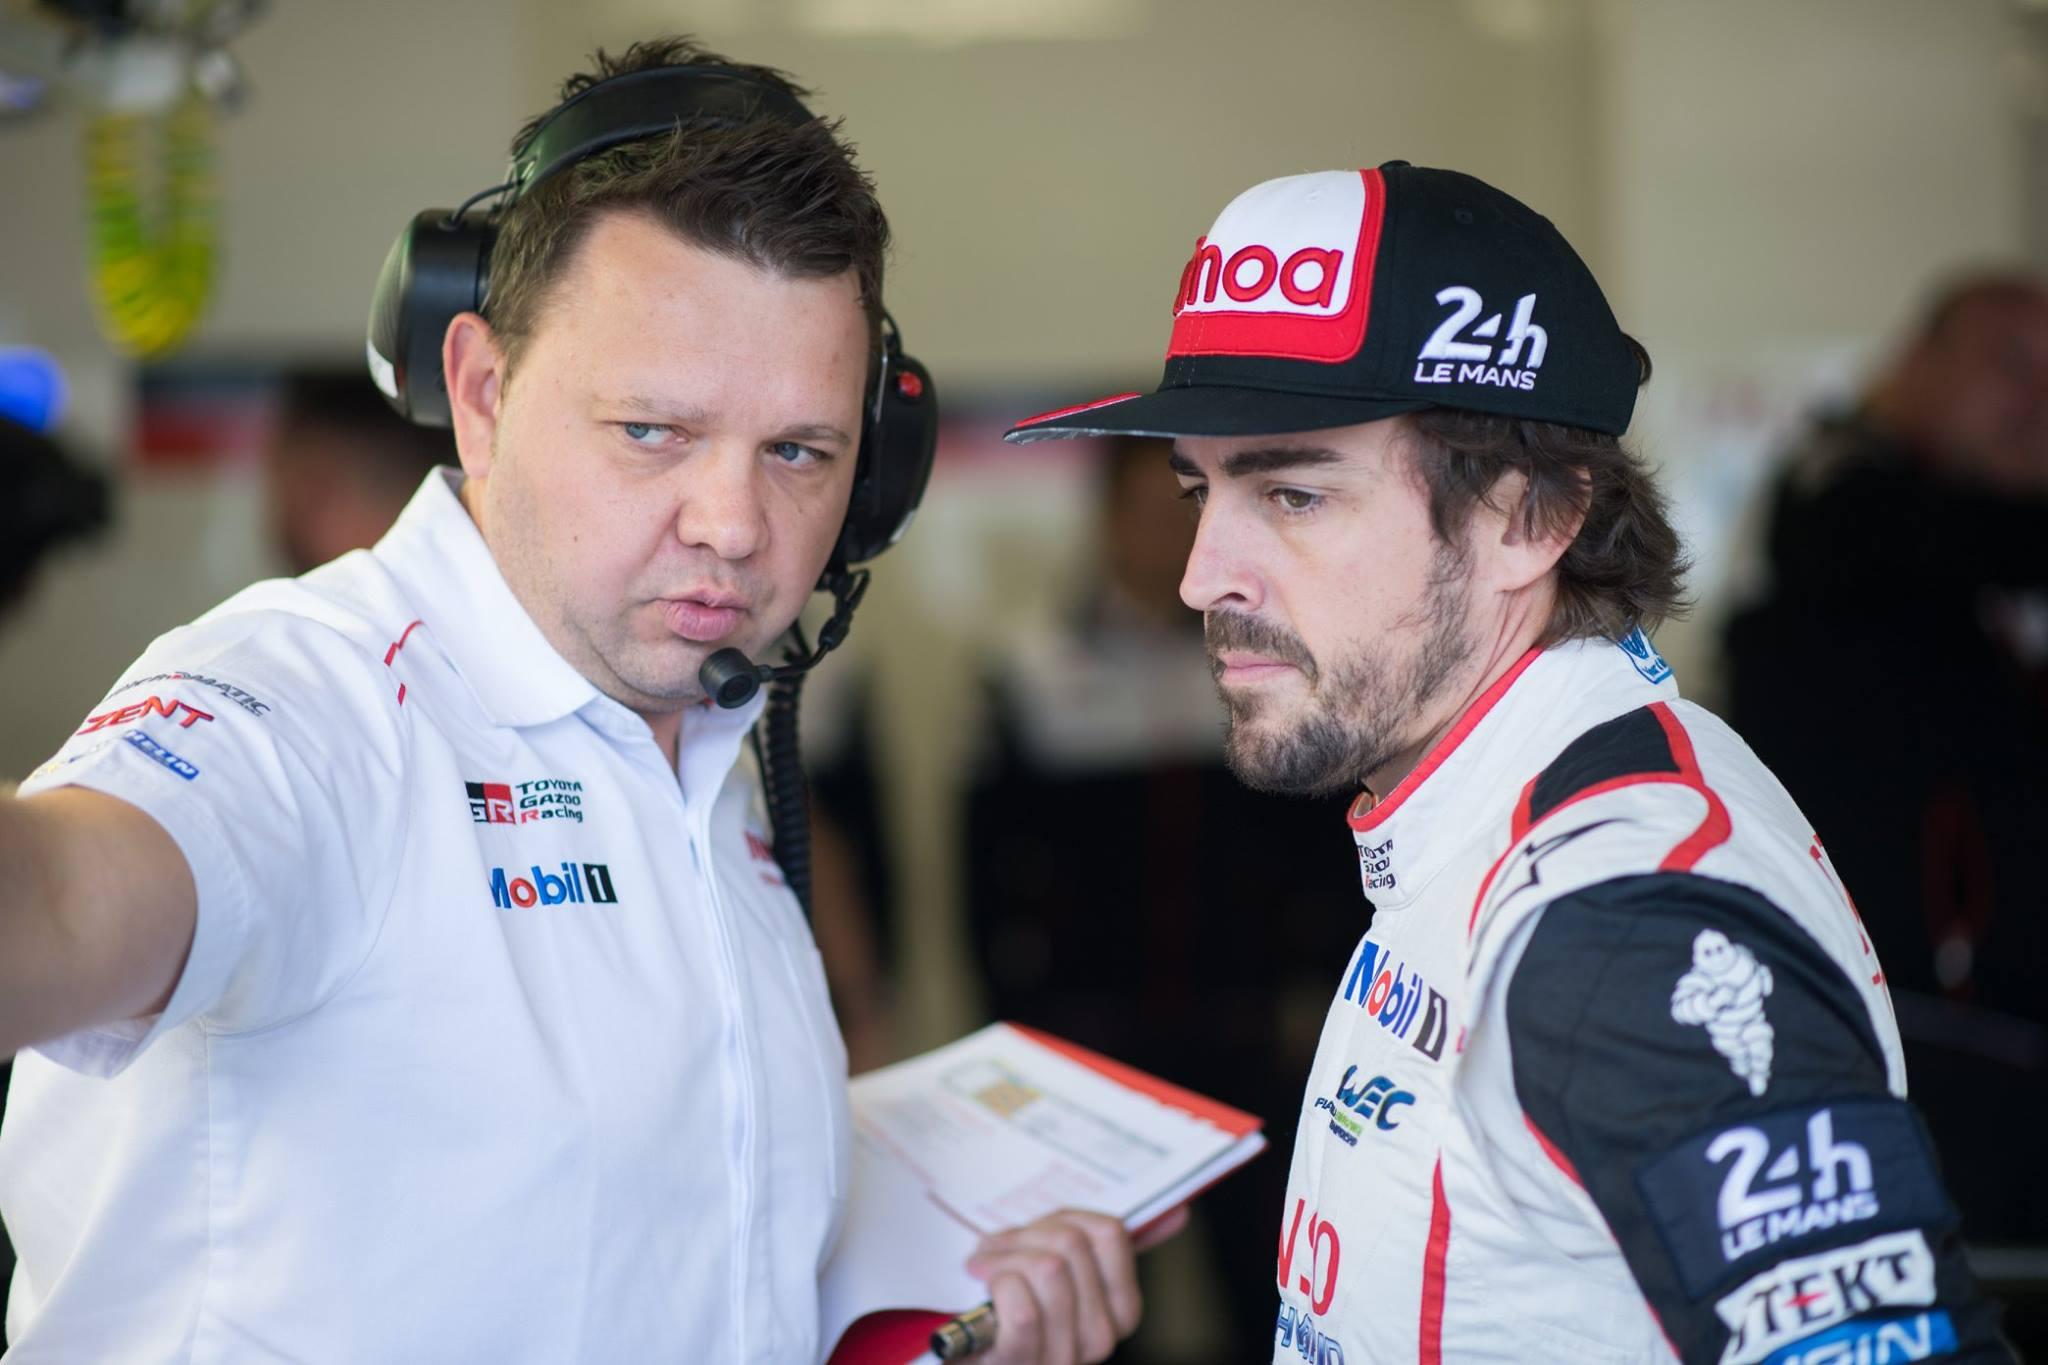 Победу одержала машина № 8 Toyota, пилотируемая опытным дуэтом Кадзуки Накадзима и Себастьяном Буэми вместе с новичком Фернандо Алонсо, который впервые одержал победу в гонке!